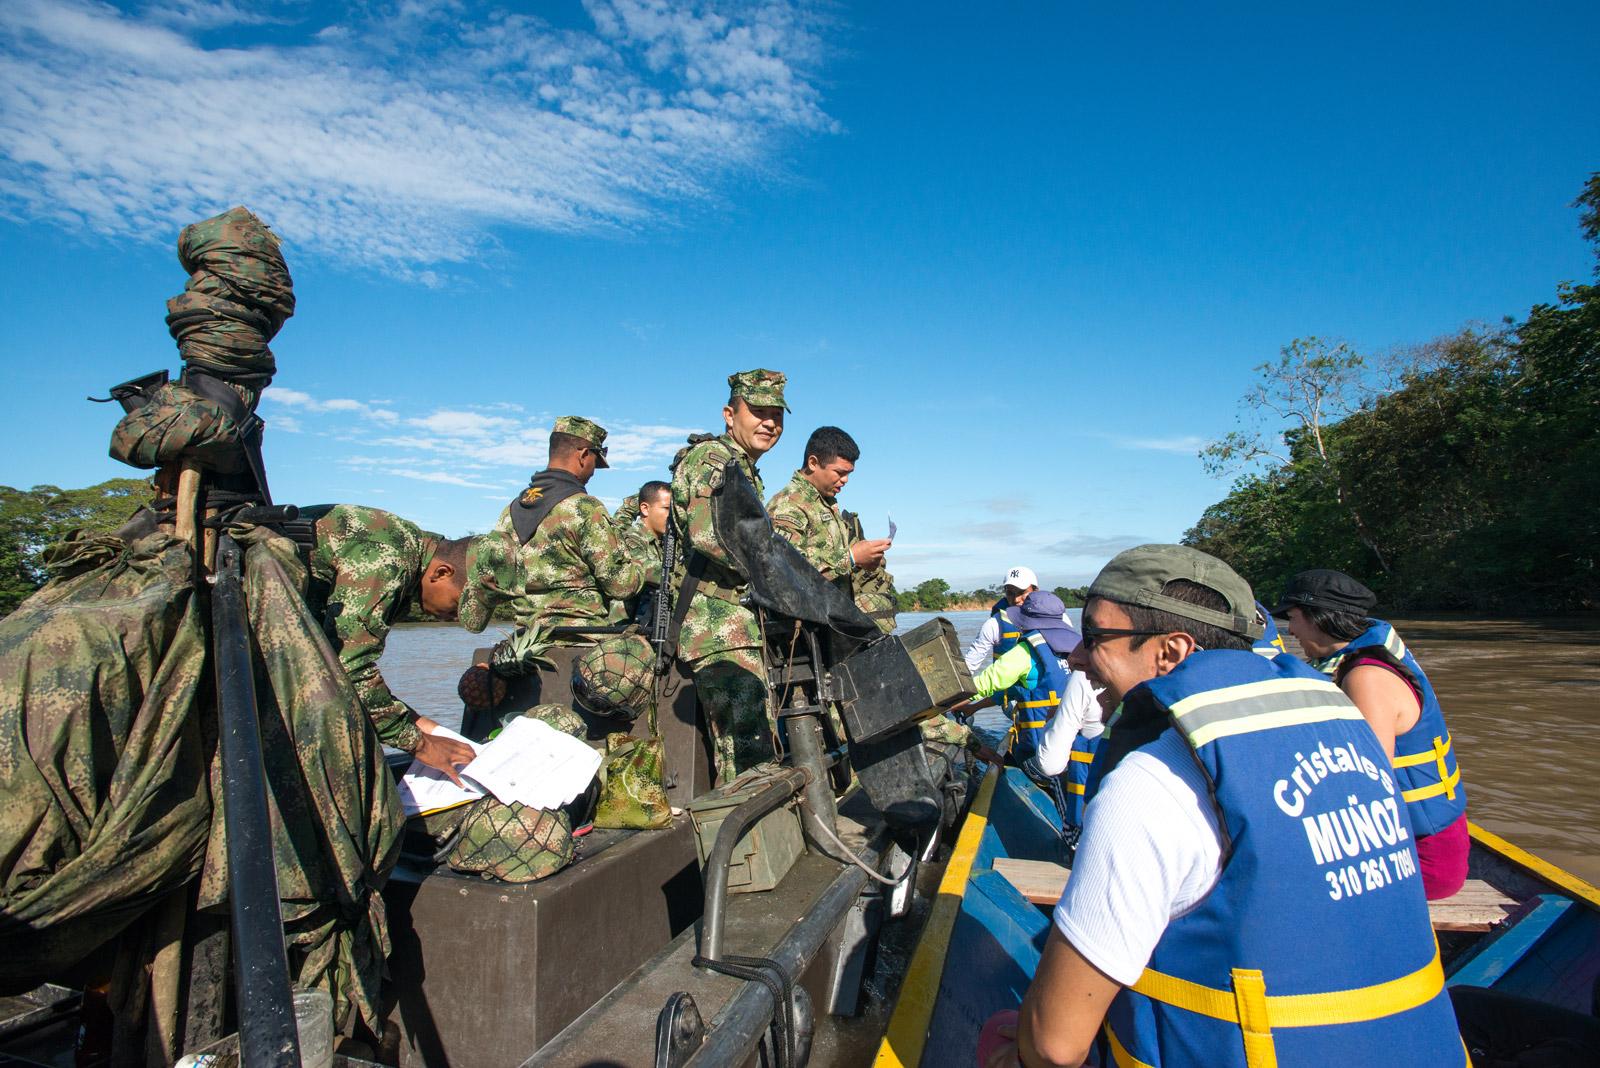 Ejército Nacional de Colombia en el río Guayabero realizando el control de acceso a Caño Cristales